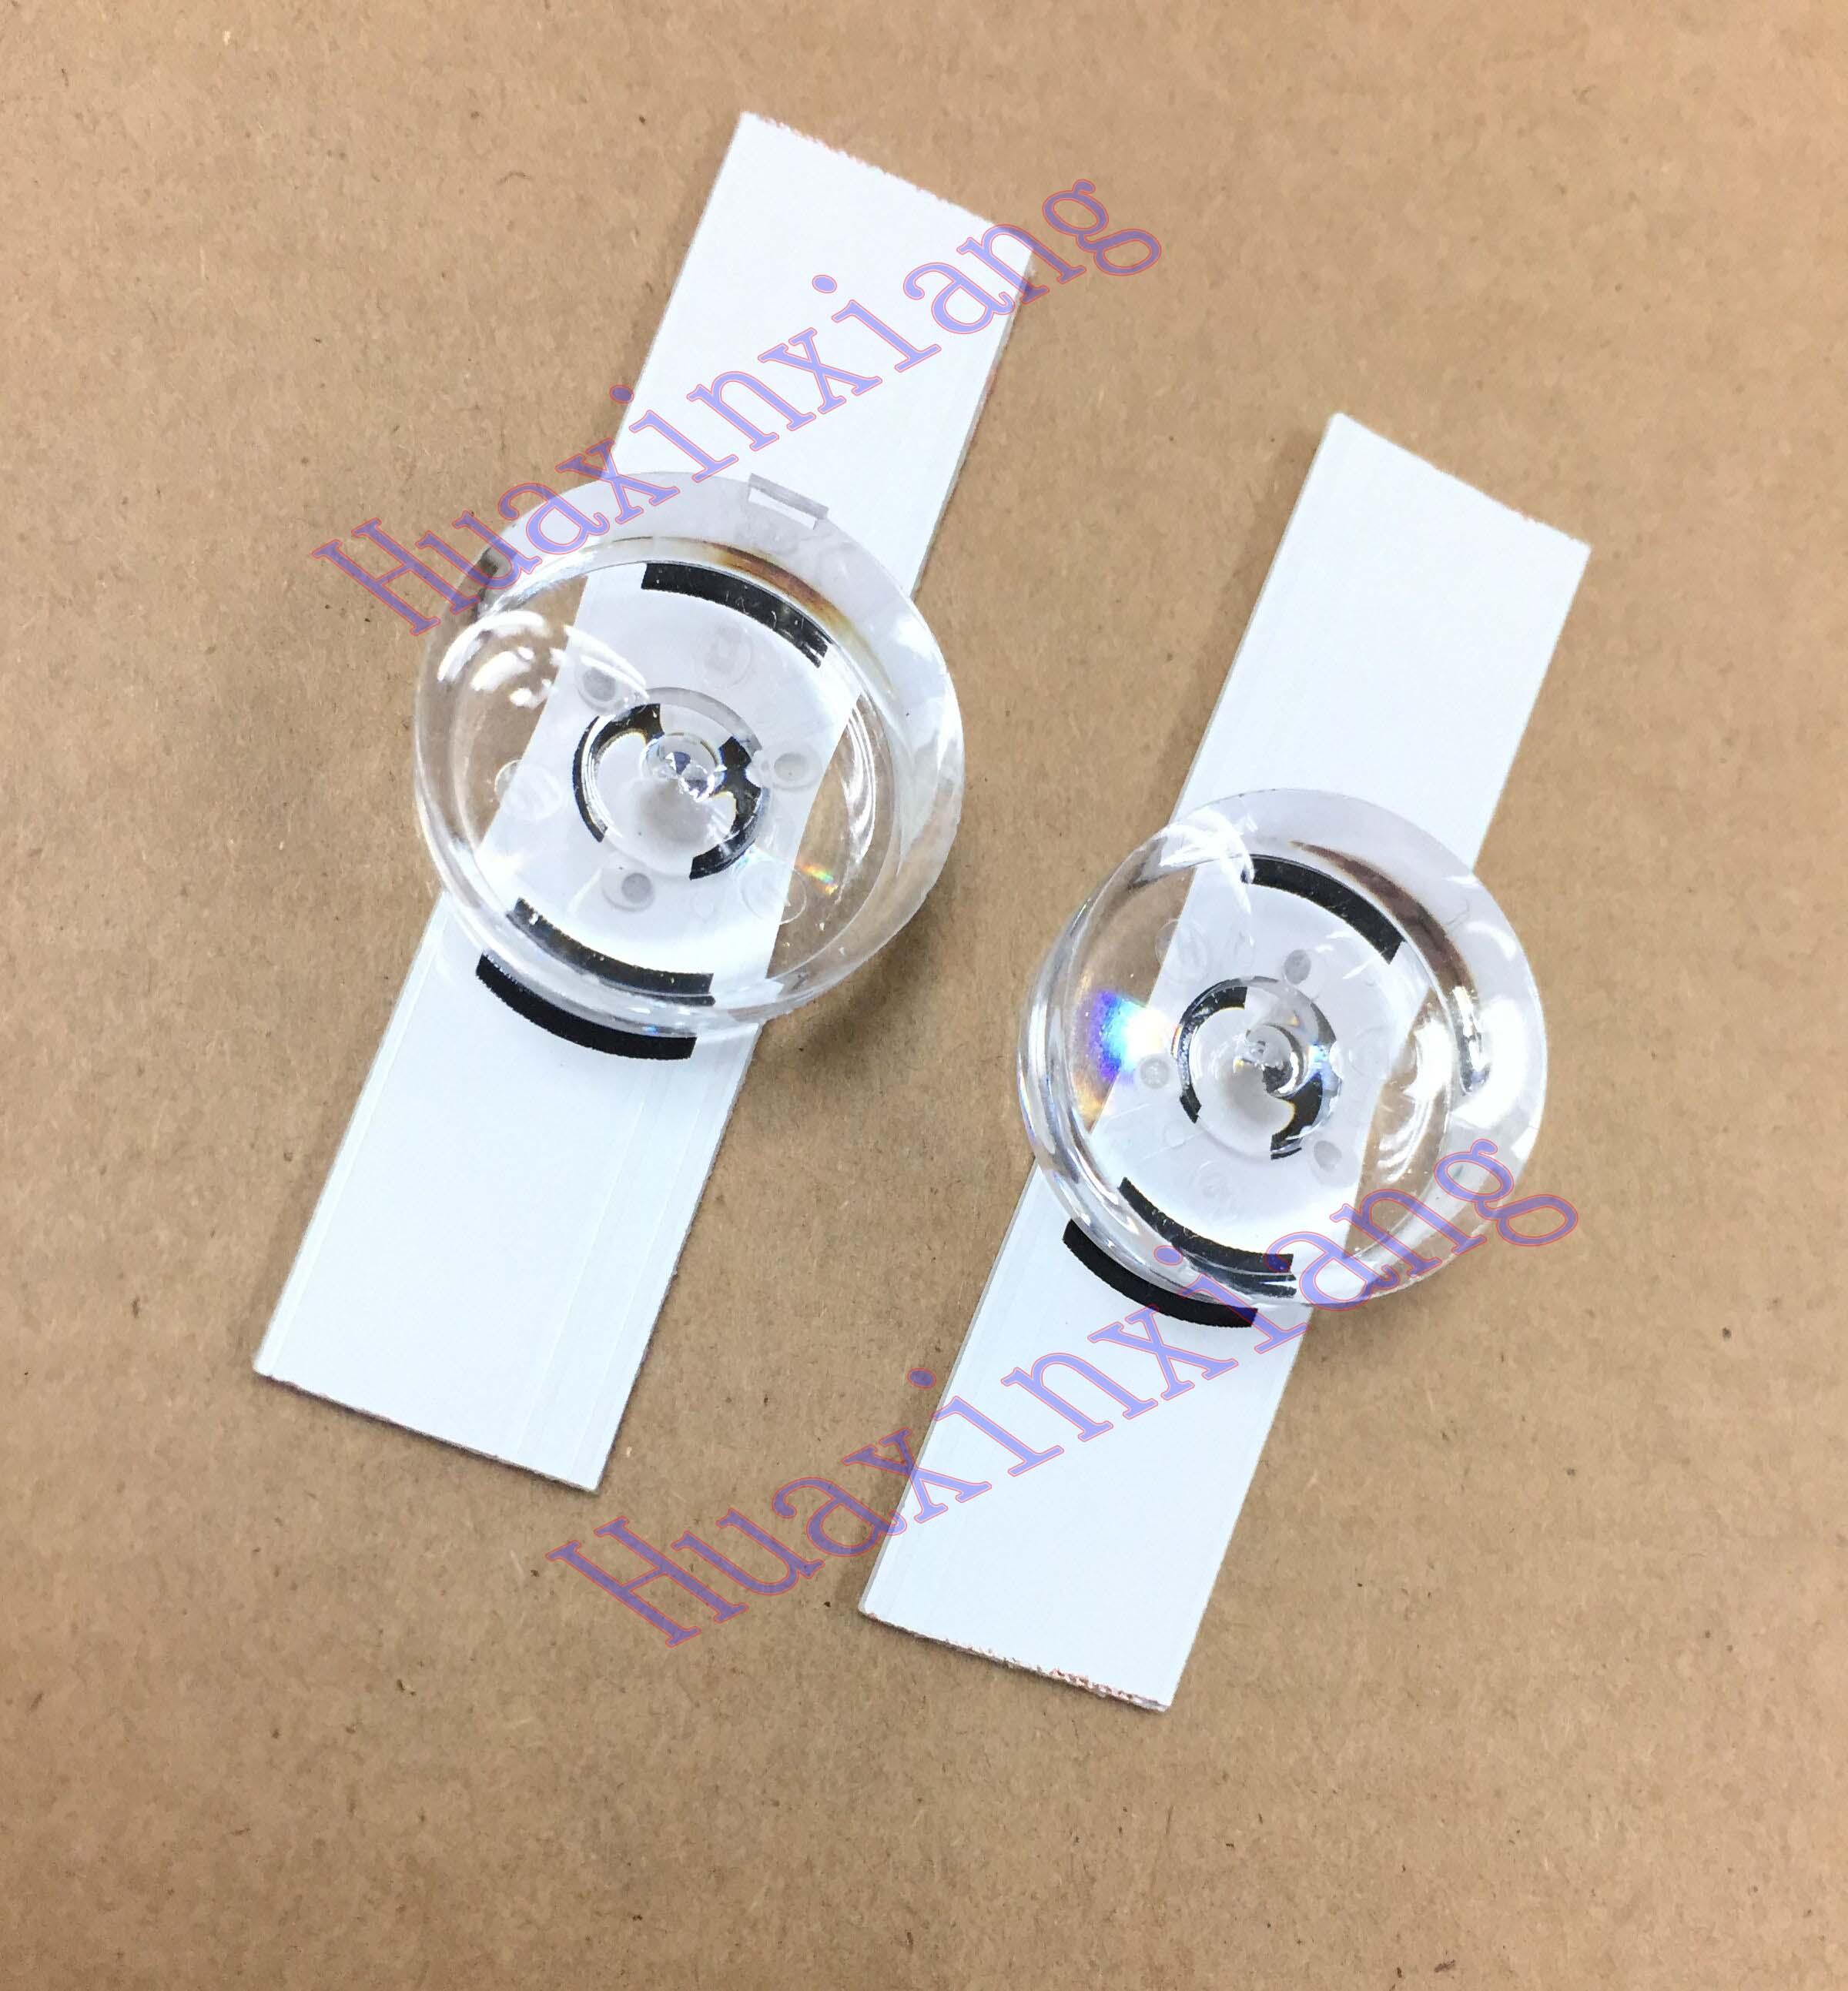 5PCS/Lot 6V Led Strips Bulbs Diodes With Optical Lens For LG Innotek DRT 3.0 32